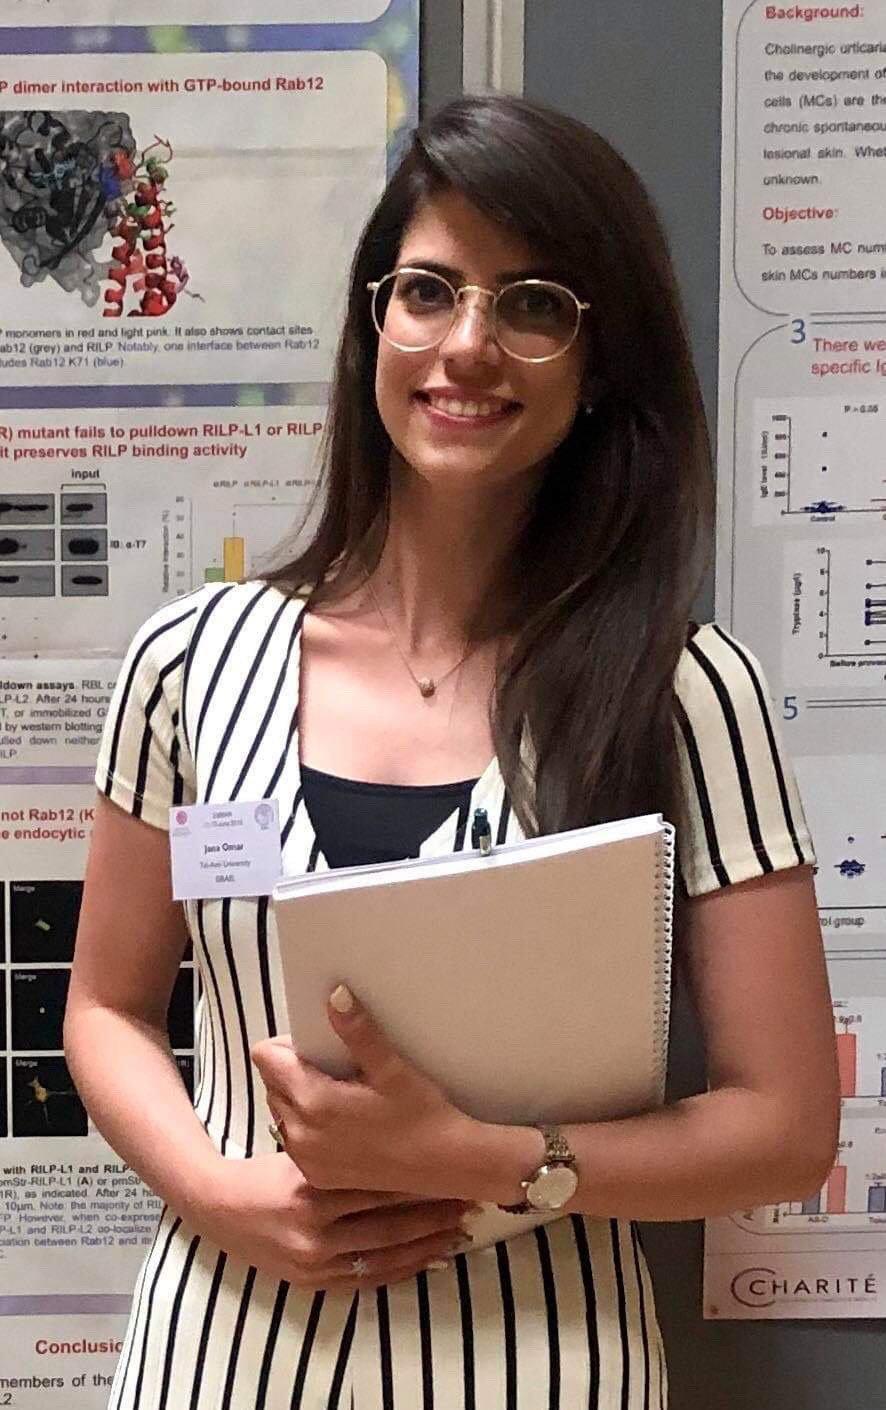 جنى عمر.. عشرينية تجري بحث الدكتوراة حول مسببات الحساسية